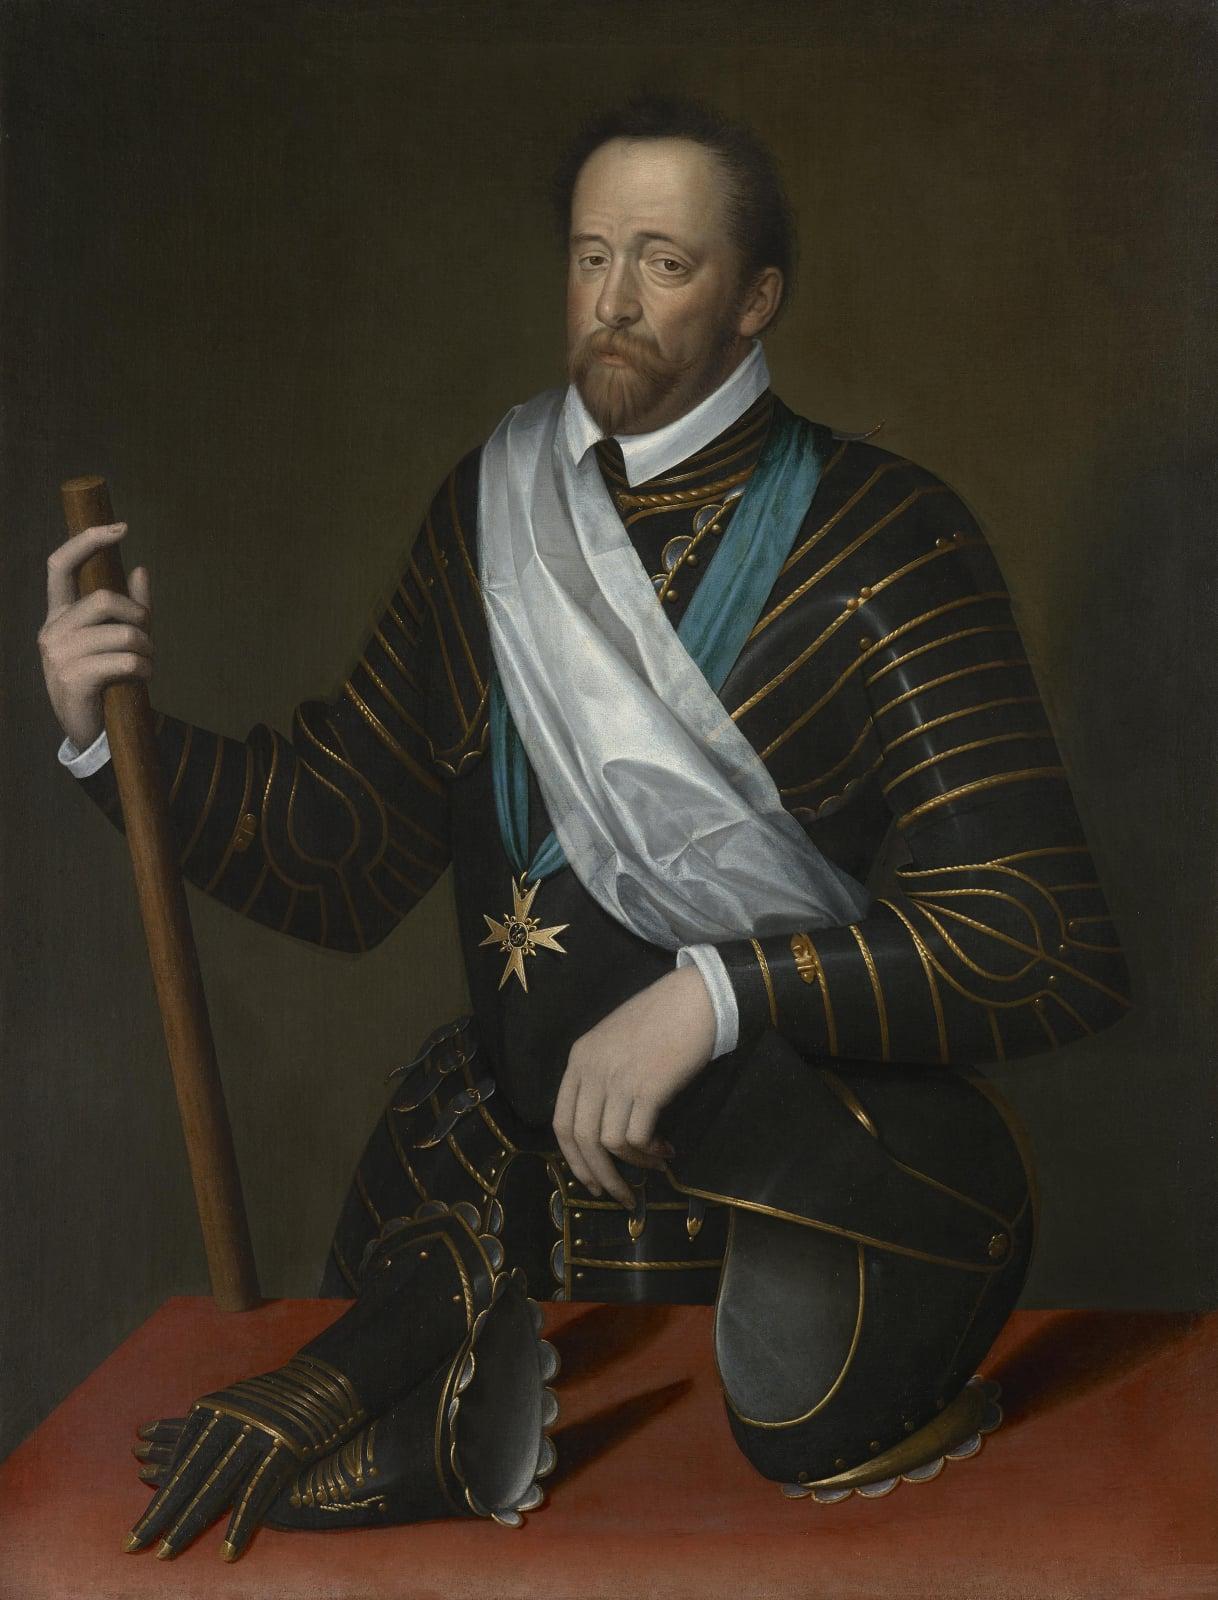 Filippo di Piero Strozzi (1541 – 1582), Knight of Malta, in armour with the Order of Saint Michel